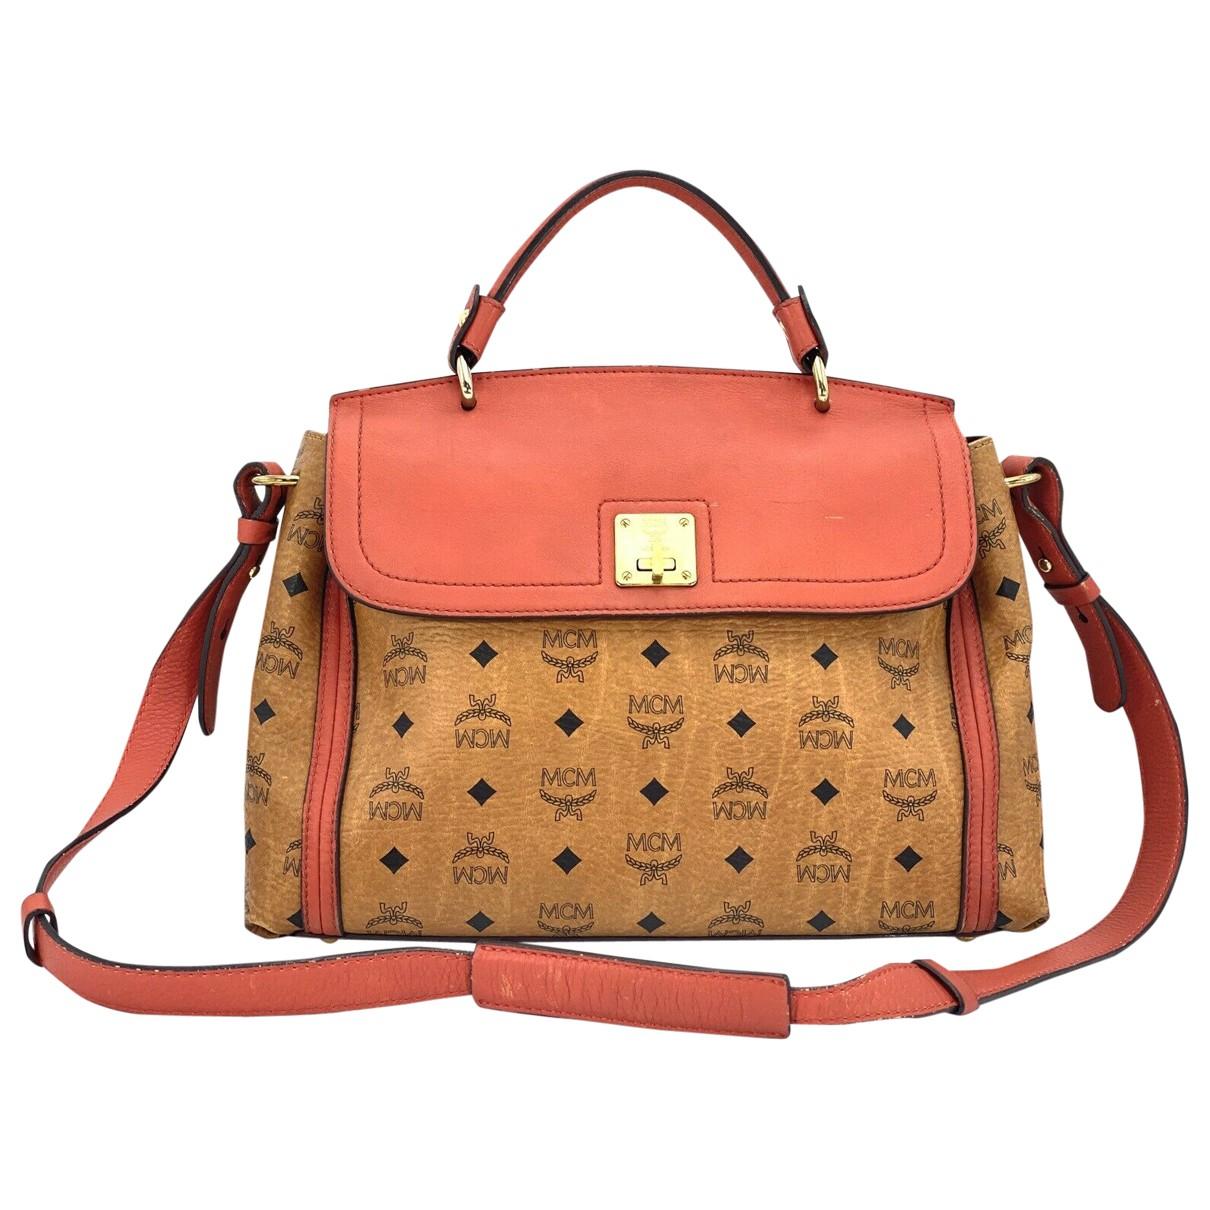 Mcm \N Beige Leather handbag for Women \N